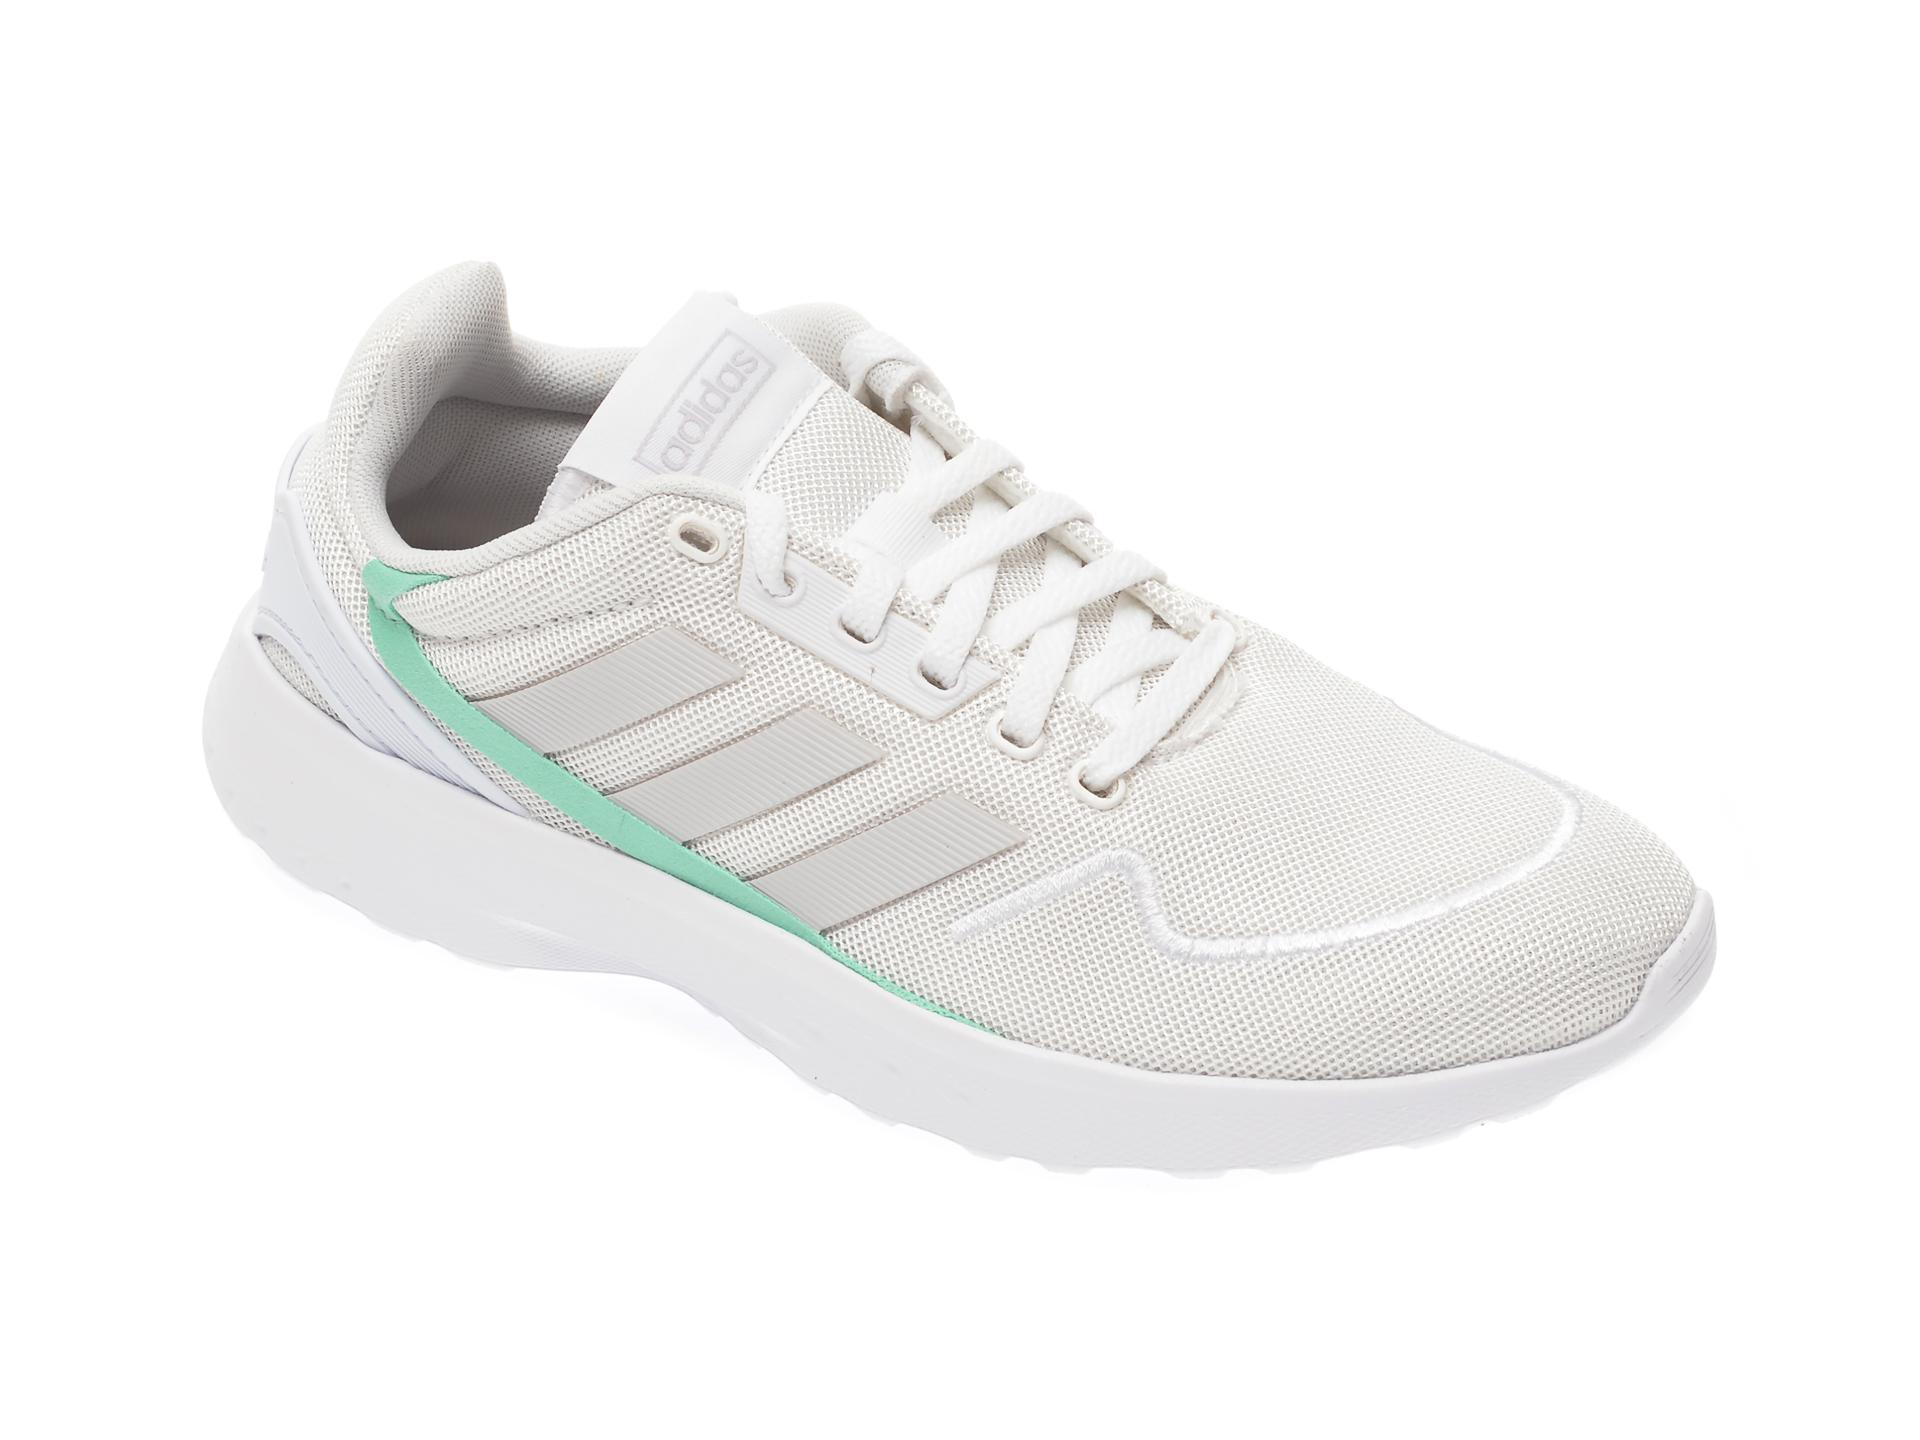 Pantofi sport ADIDAS albi, Nebzed, din material textil